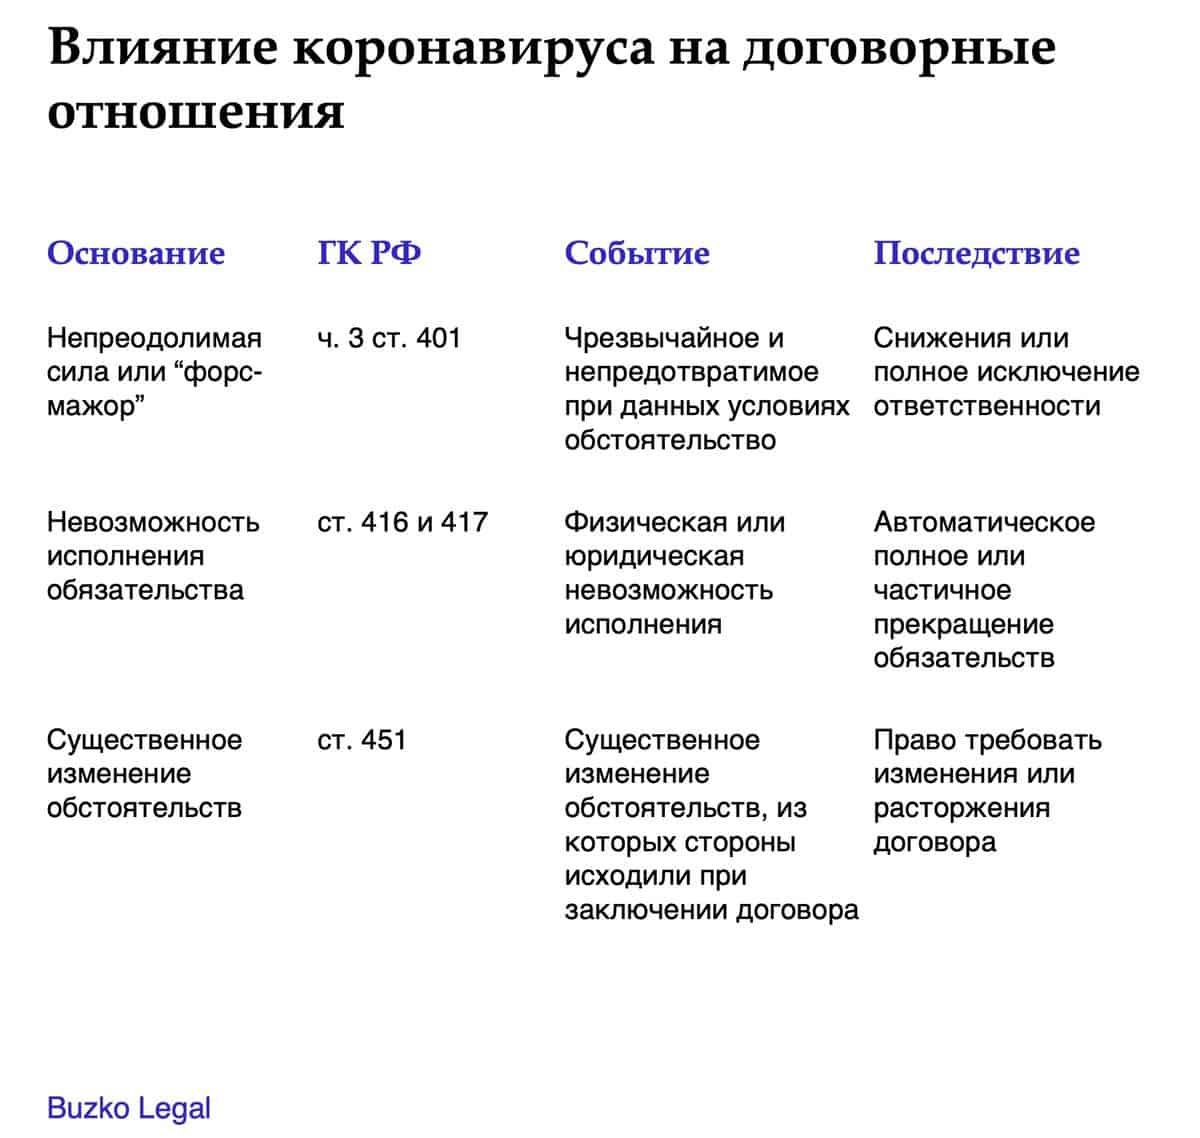 Влияние коронавируса на договорные отношения